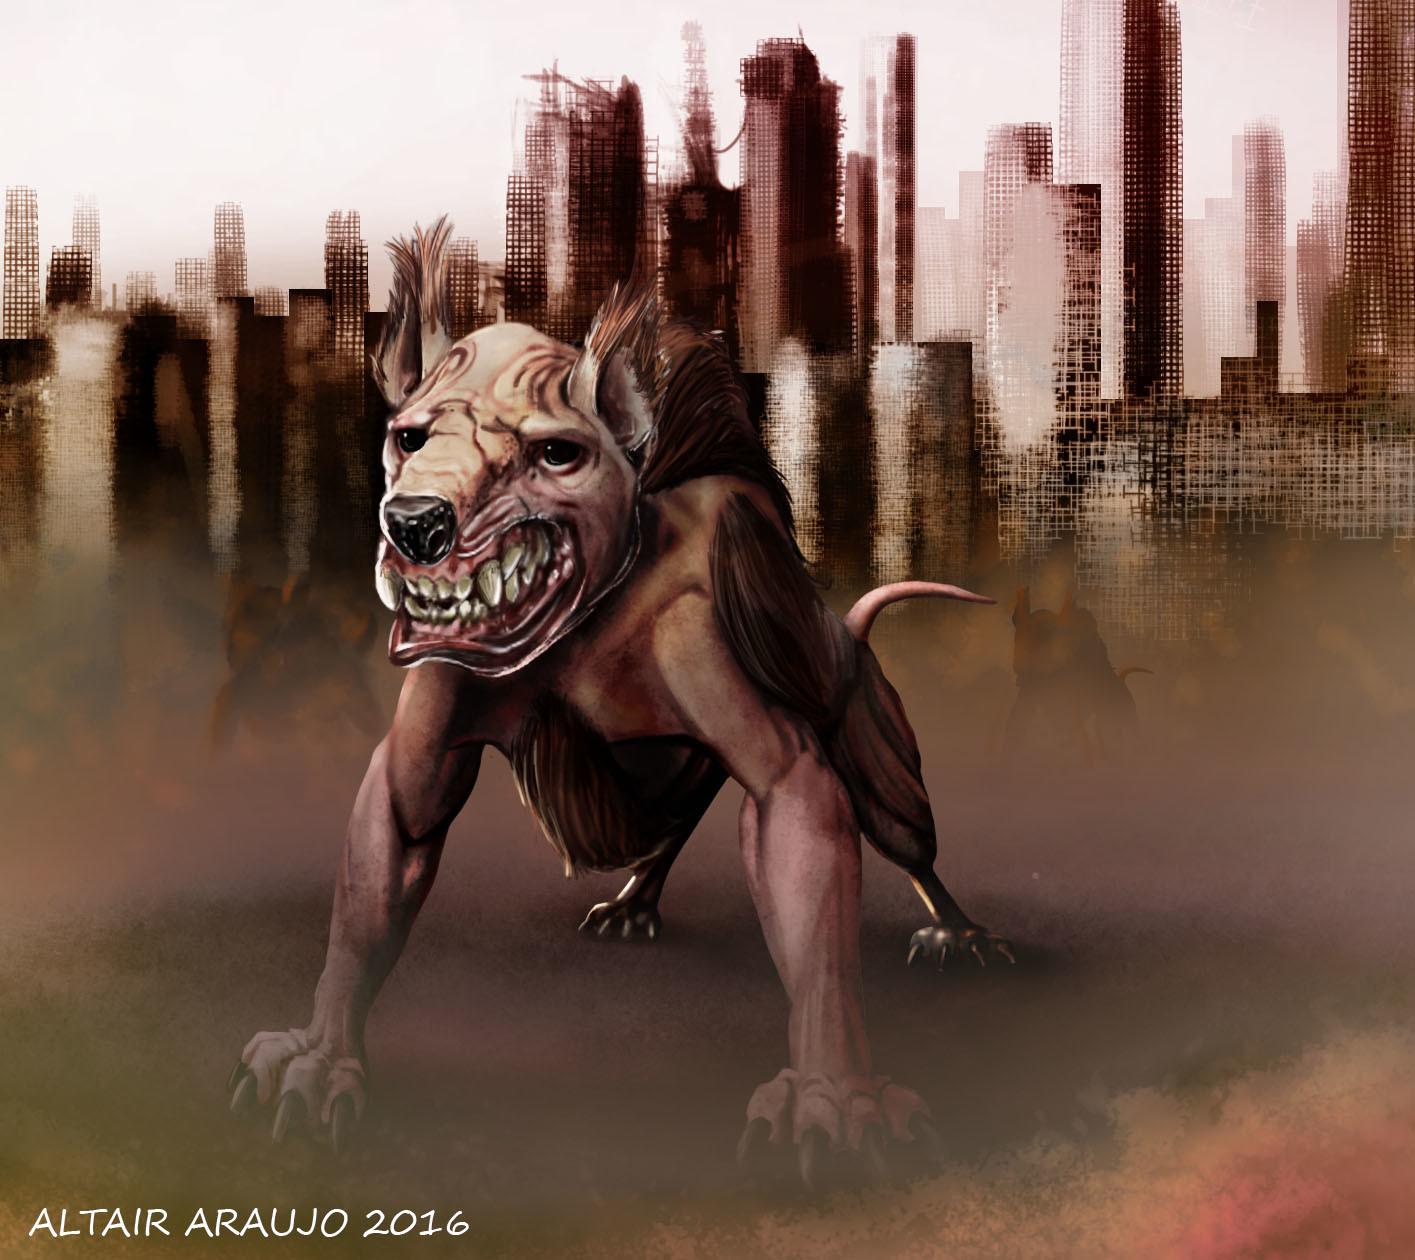 Altair araujo feral dog